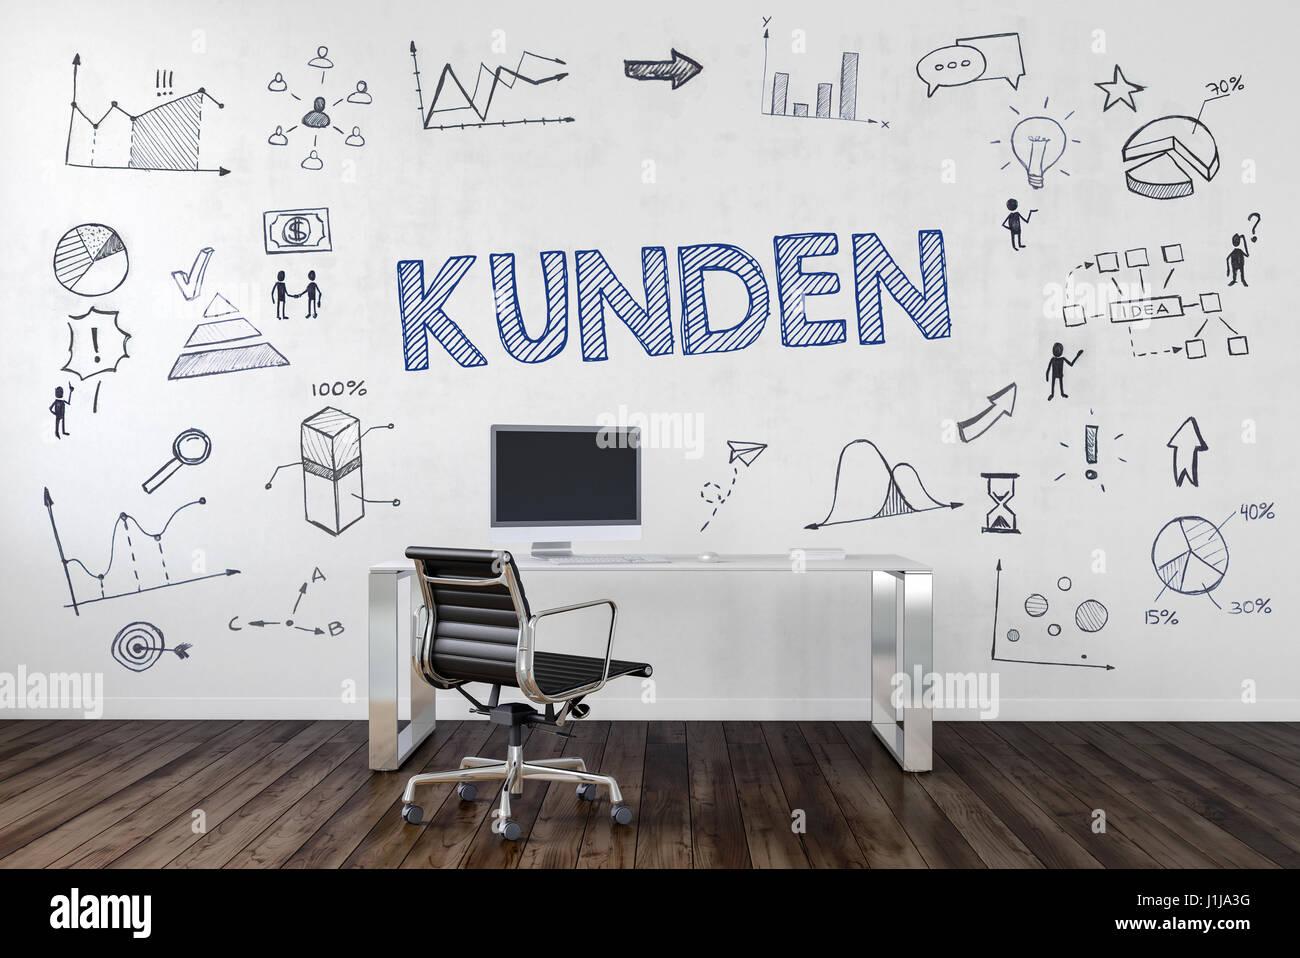 KUNDEN | Schreibtisch in Büro mit handgezeichneten Symbolen an Wand. Stock Photo